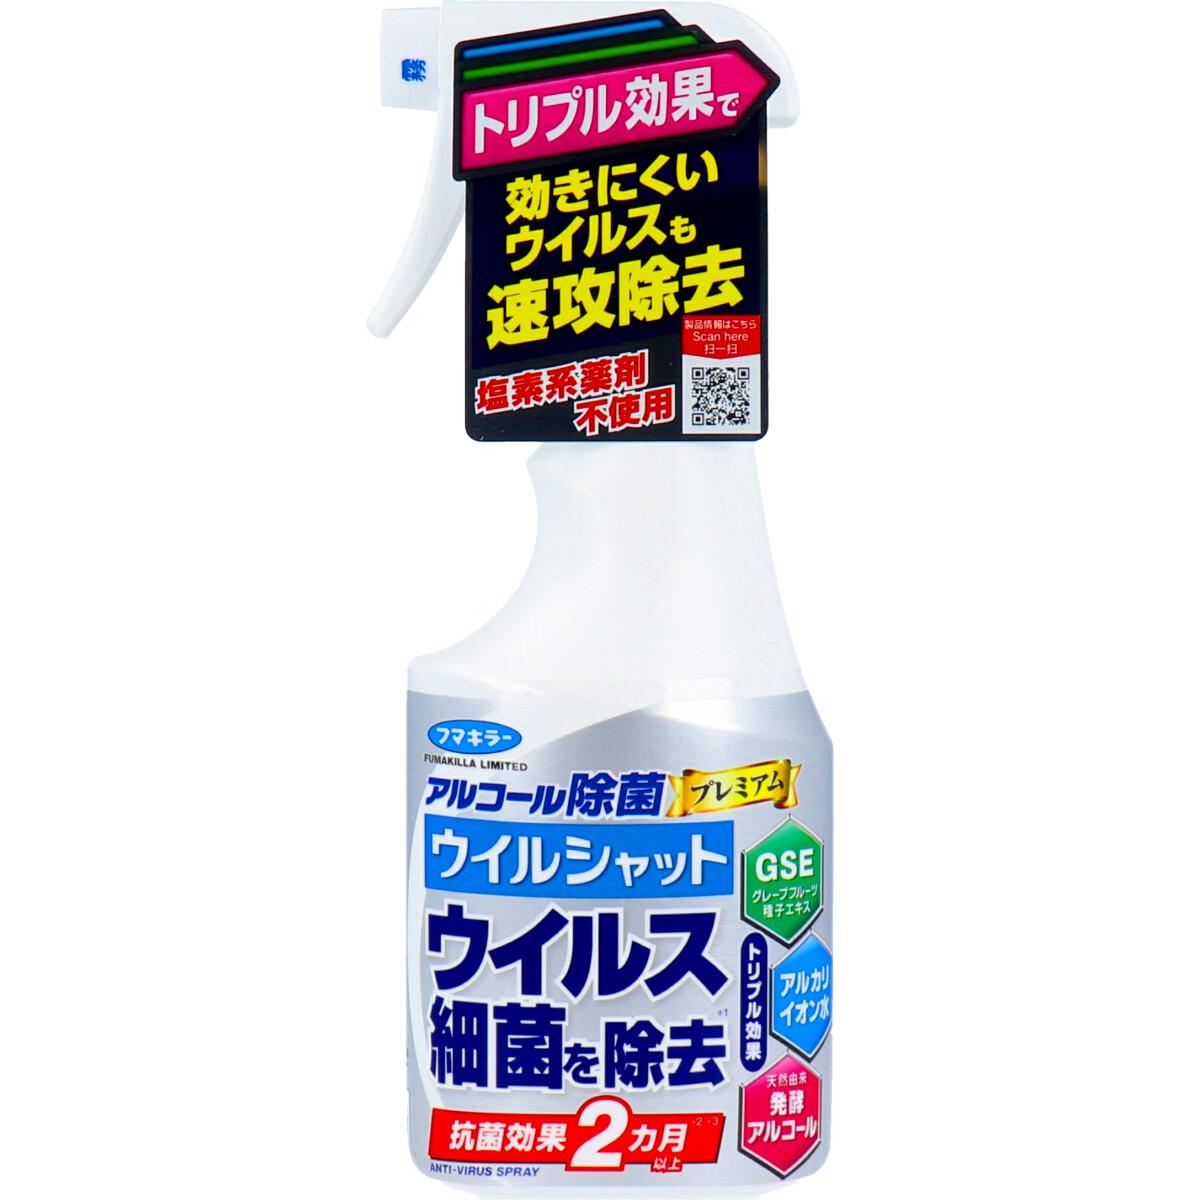 アルコール 除 菌 プレミアム ウイル シャット